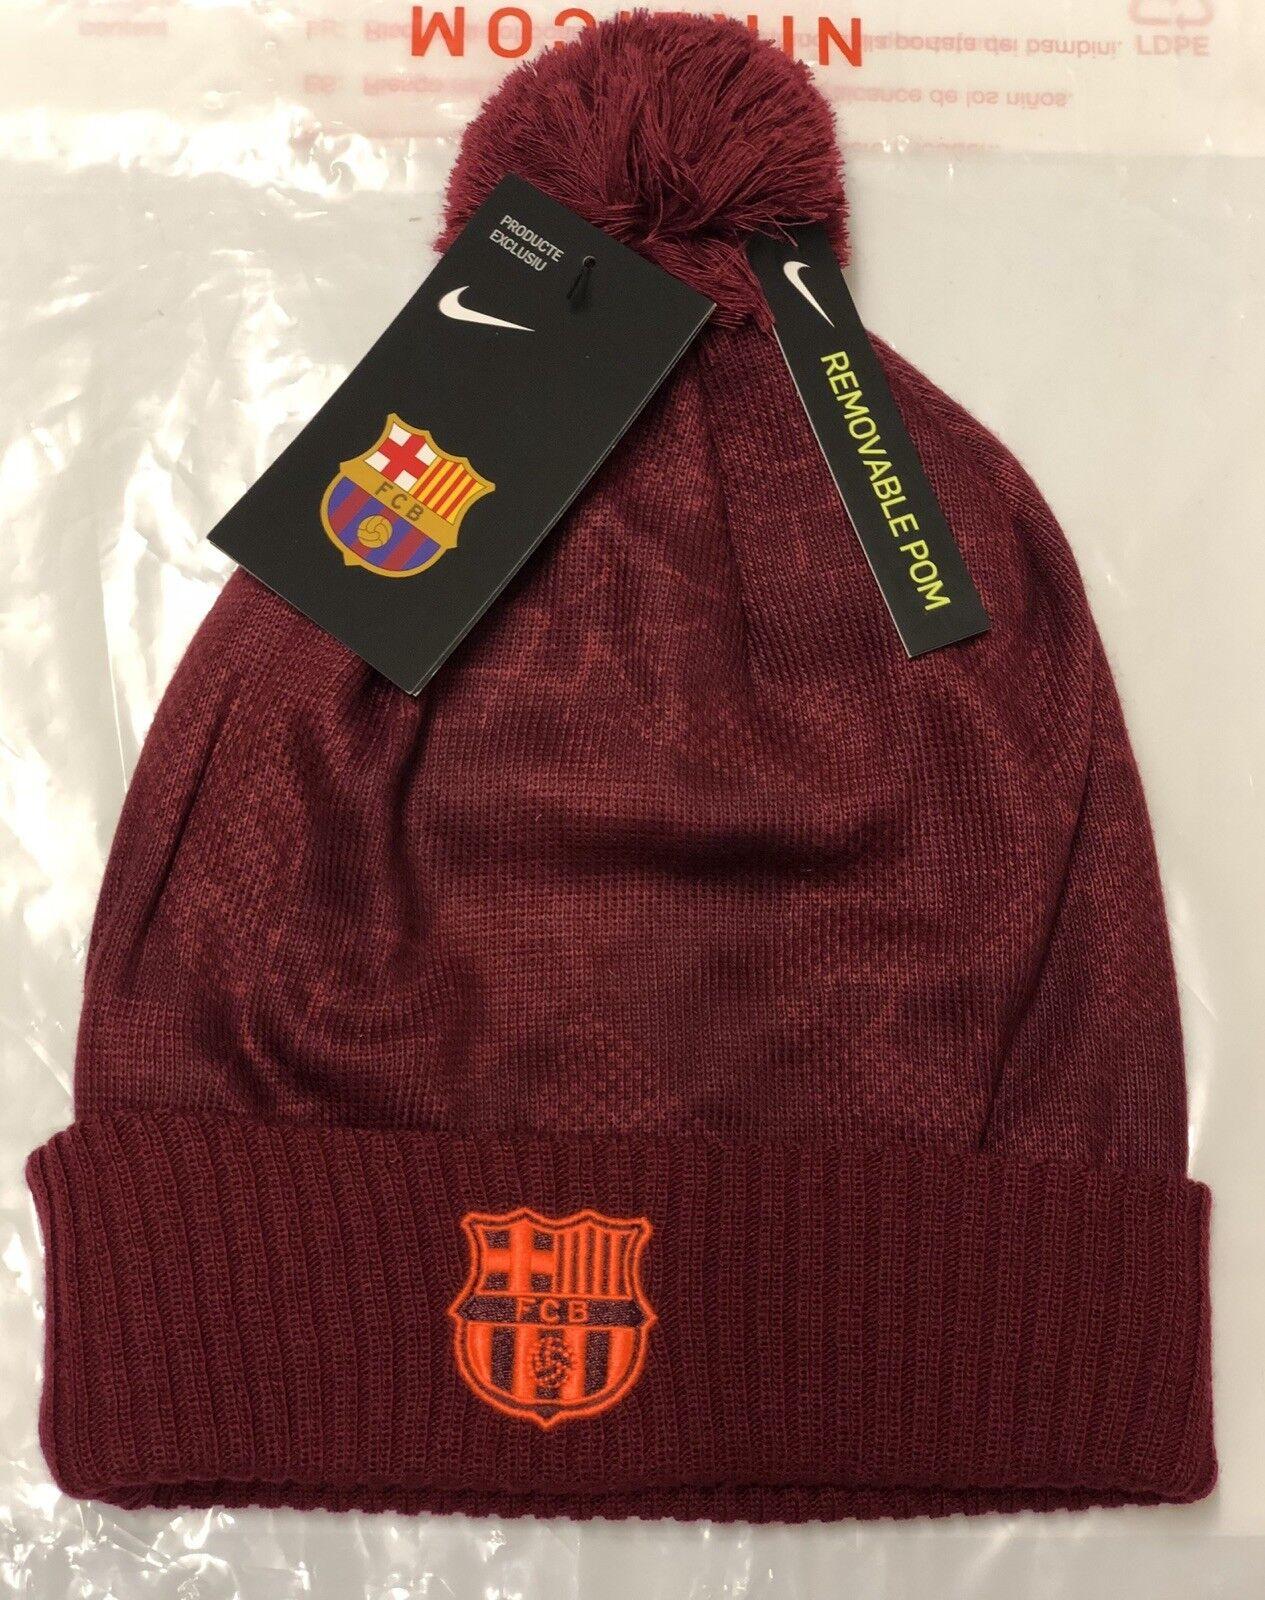 NIKE FC BARCELLONA Inverno Cappello Beanie con POM rimovibile Etichette  Nuovo di zecca con  25f47a903ee0